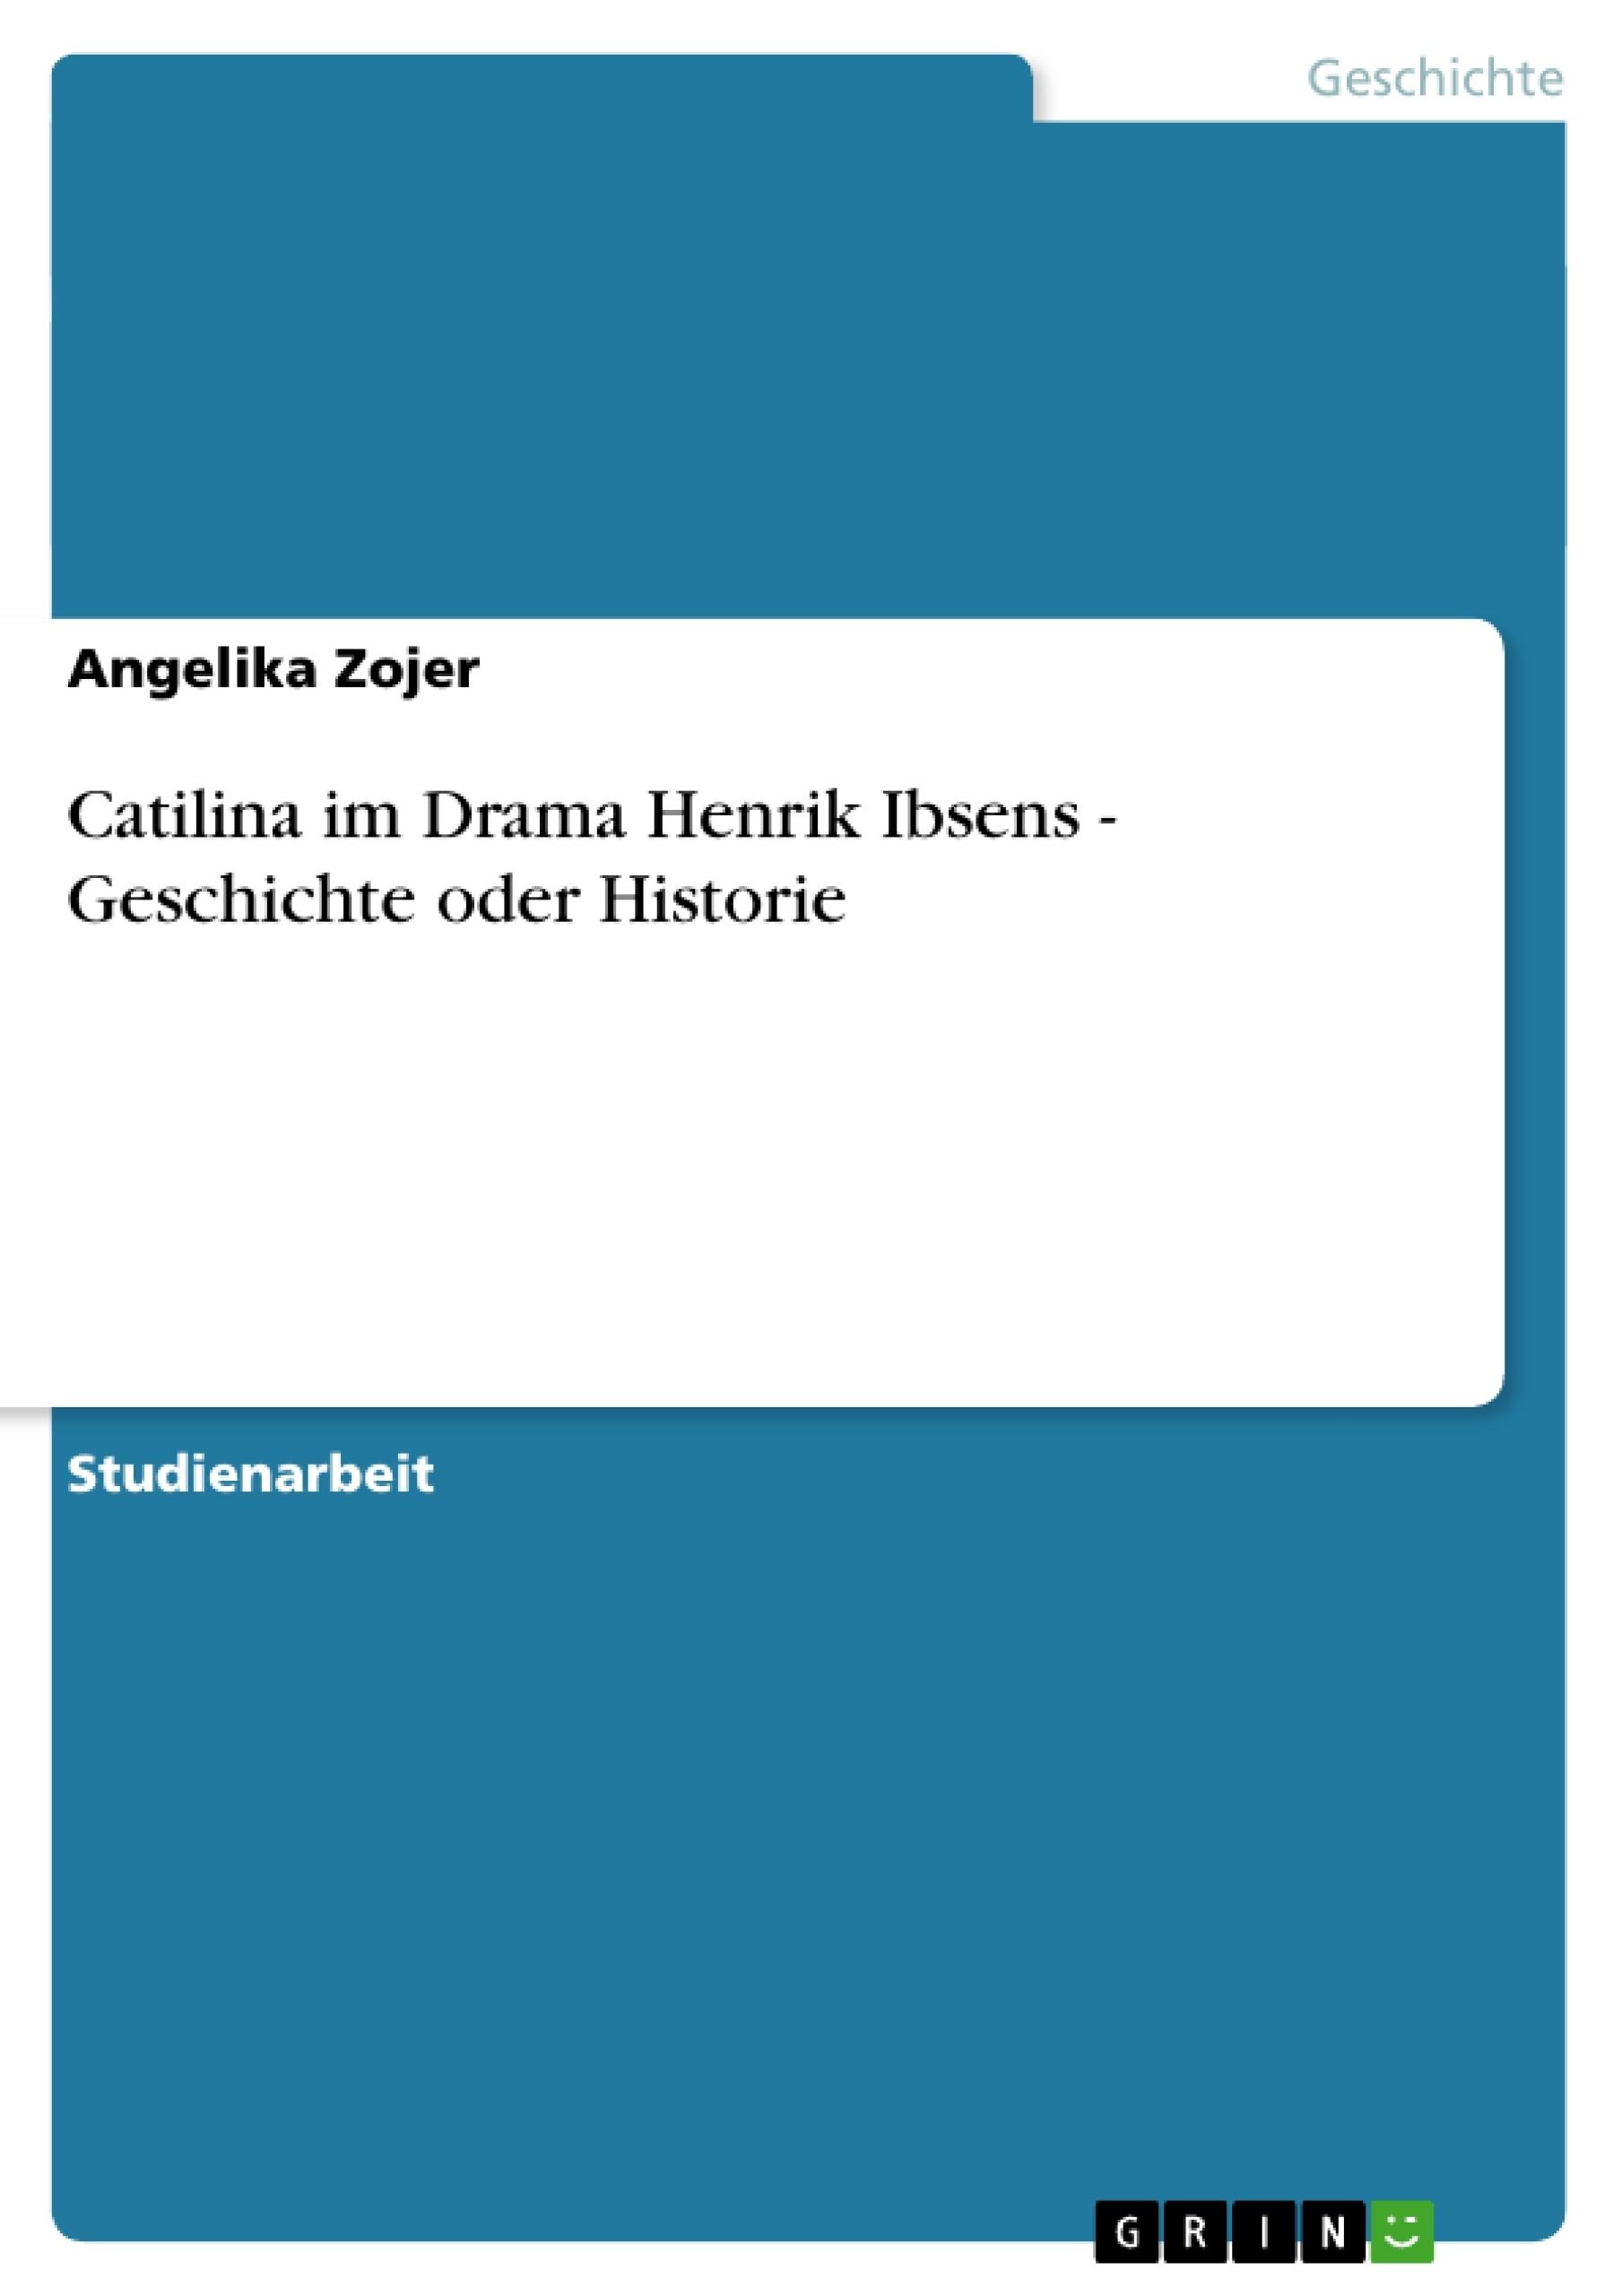 Titel: Catilina im Drama Henrik Ibsens - Geschichte oder Historie